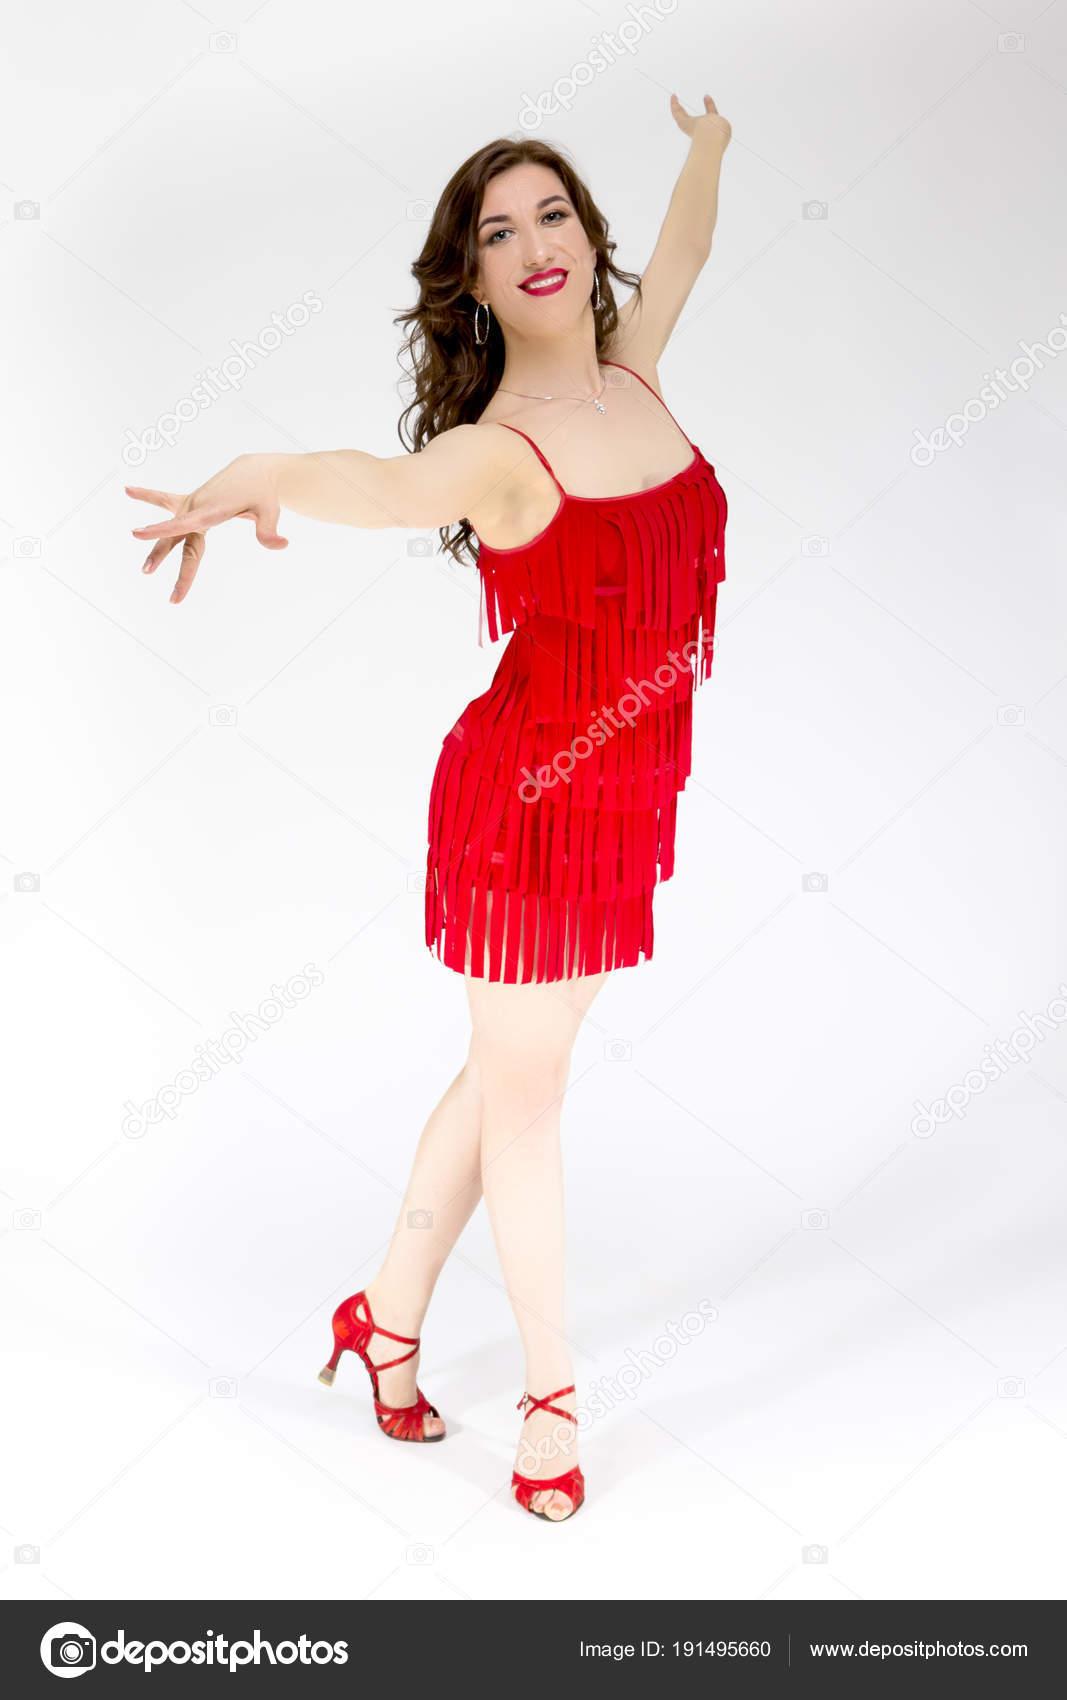 Ballroom In Rot Tänzer Weibliche Fließt Lateinamerikanischen Kleid IgyvYb6f7m